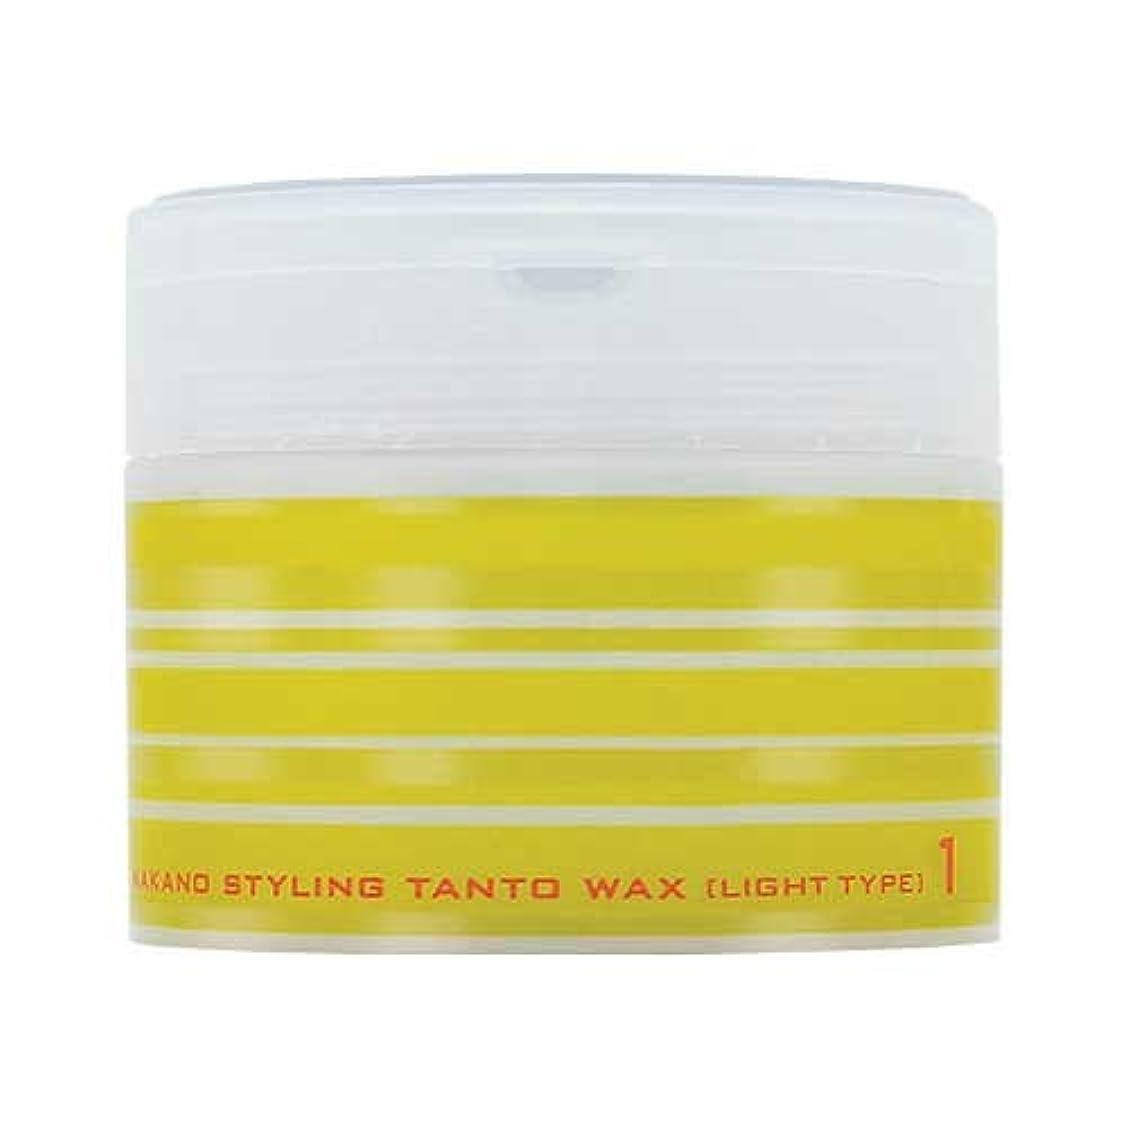 変形リラックス環境に優しいナカノ スタイリング タントN ワックス 1 ライトタイプ 90g 中野製薬 NAKANO